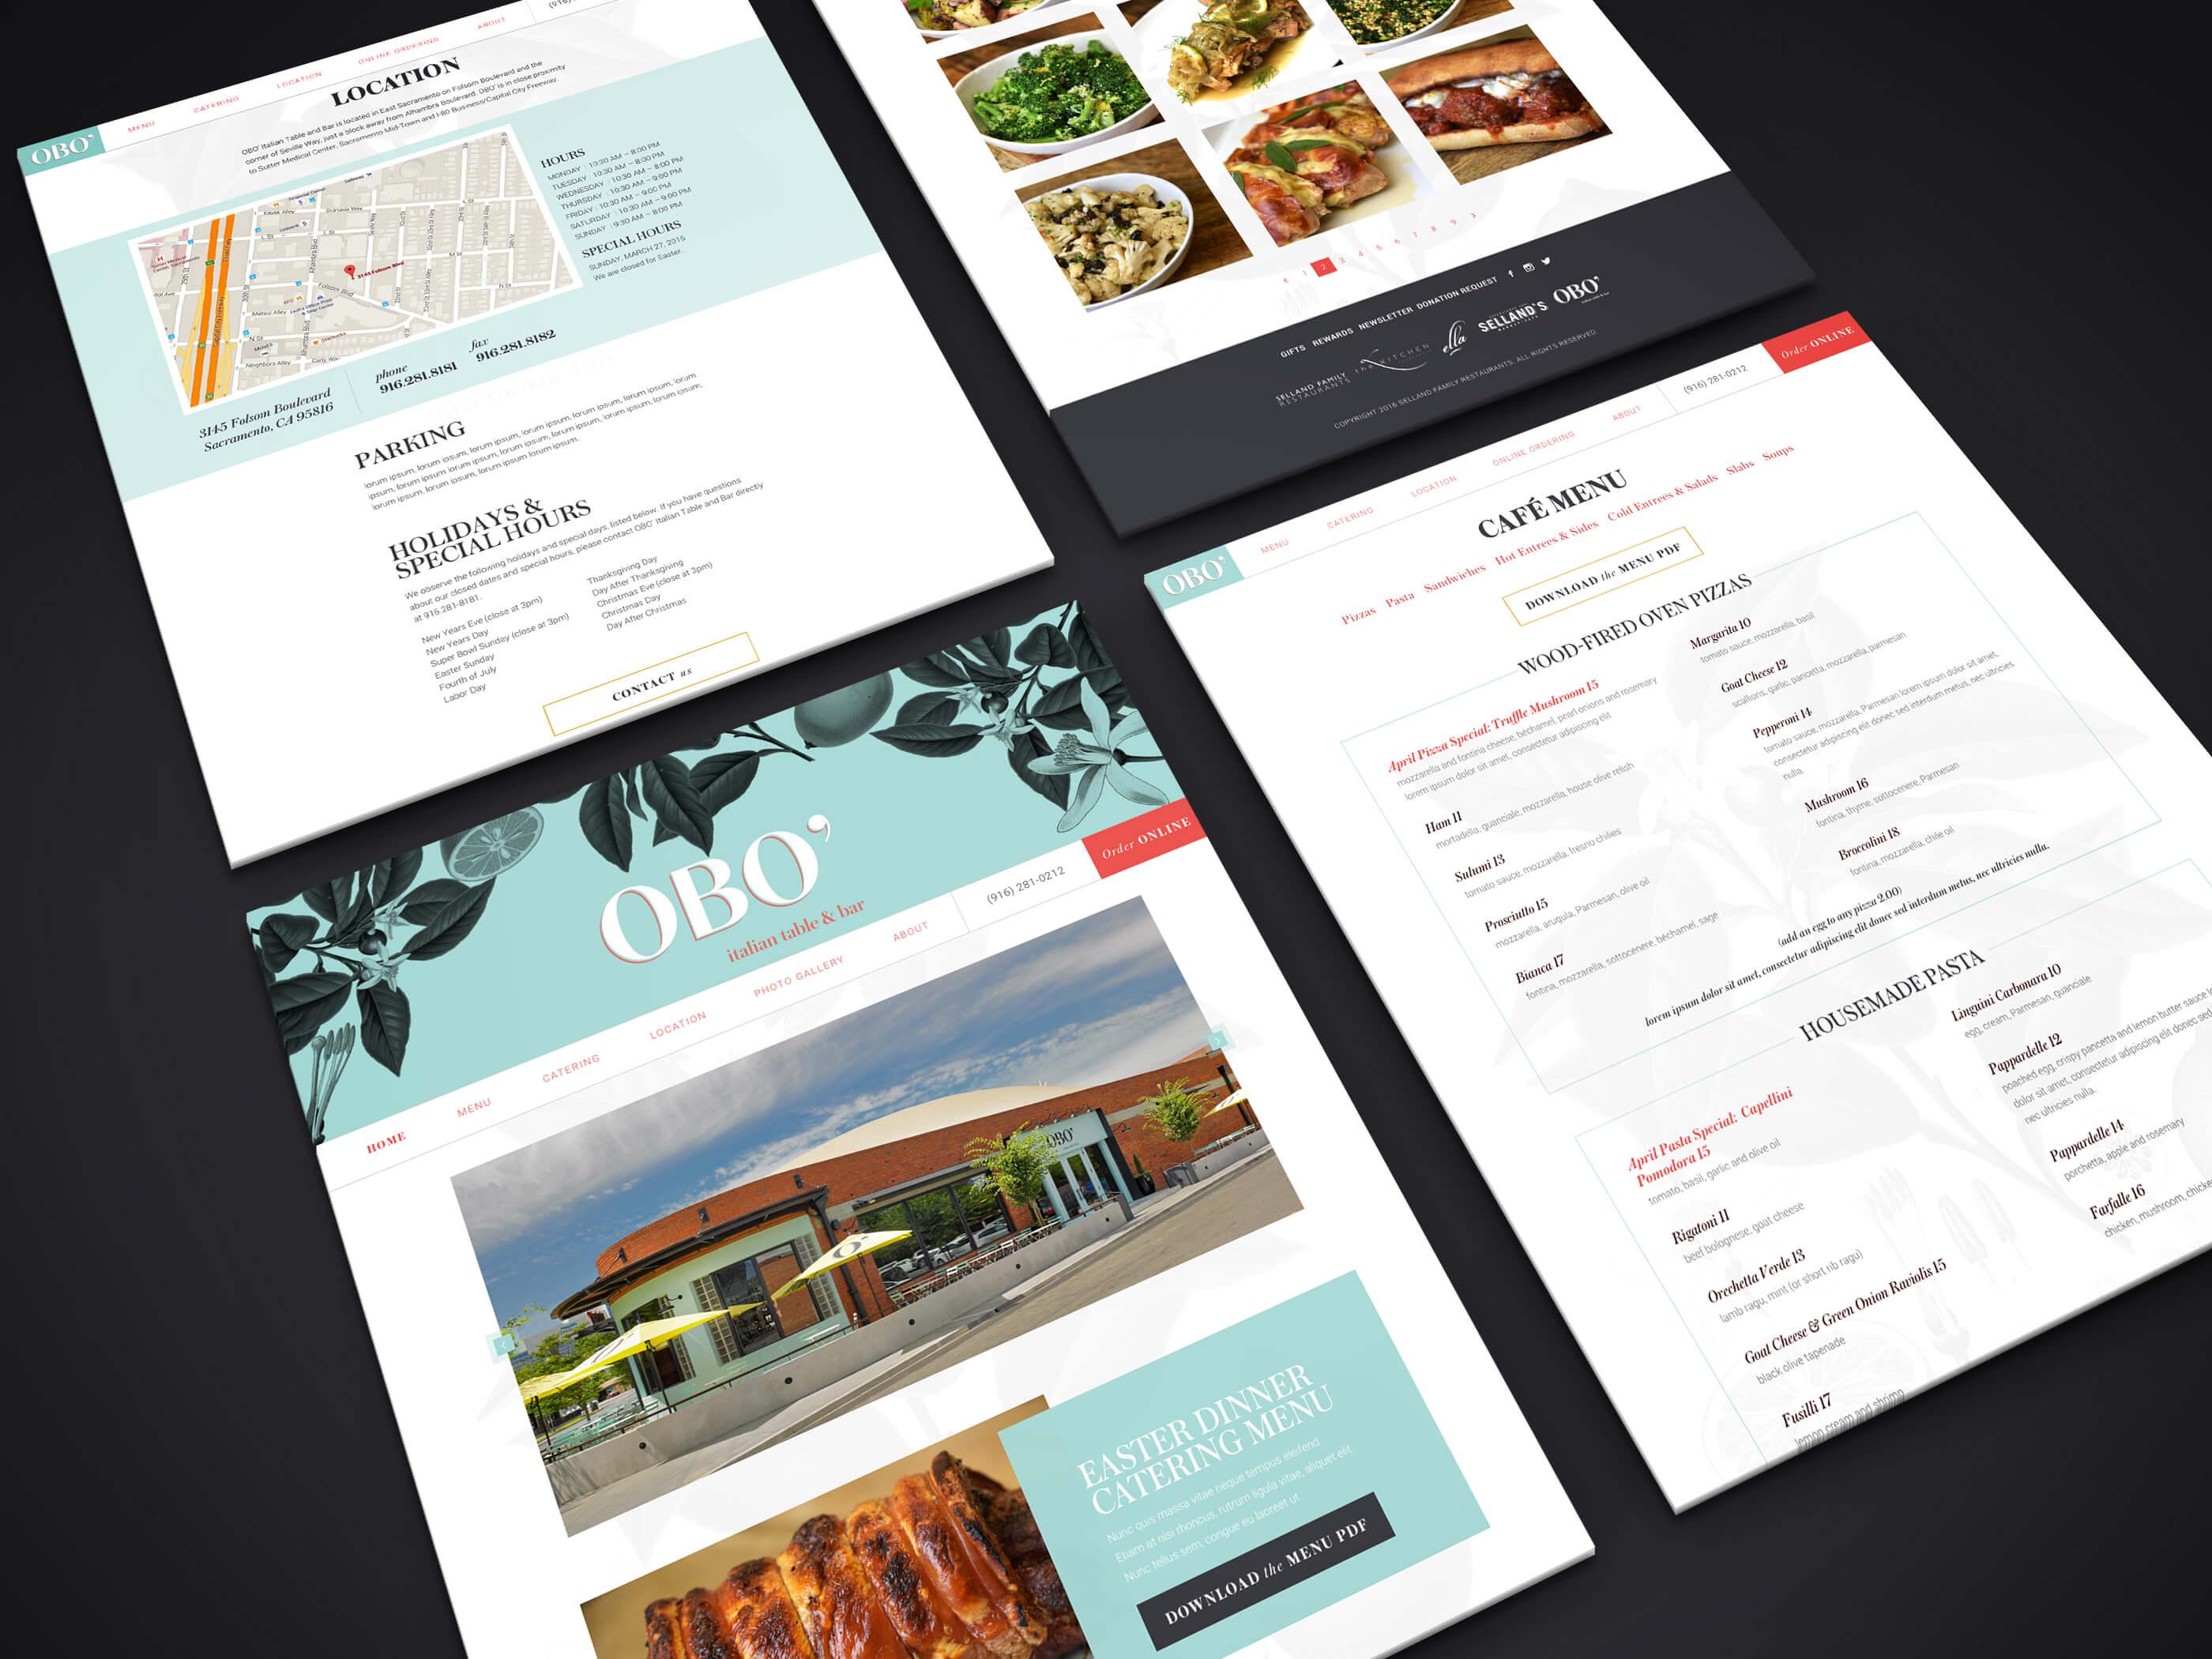 OBO Italian Table and Bar Website Three29